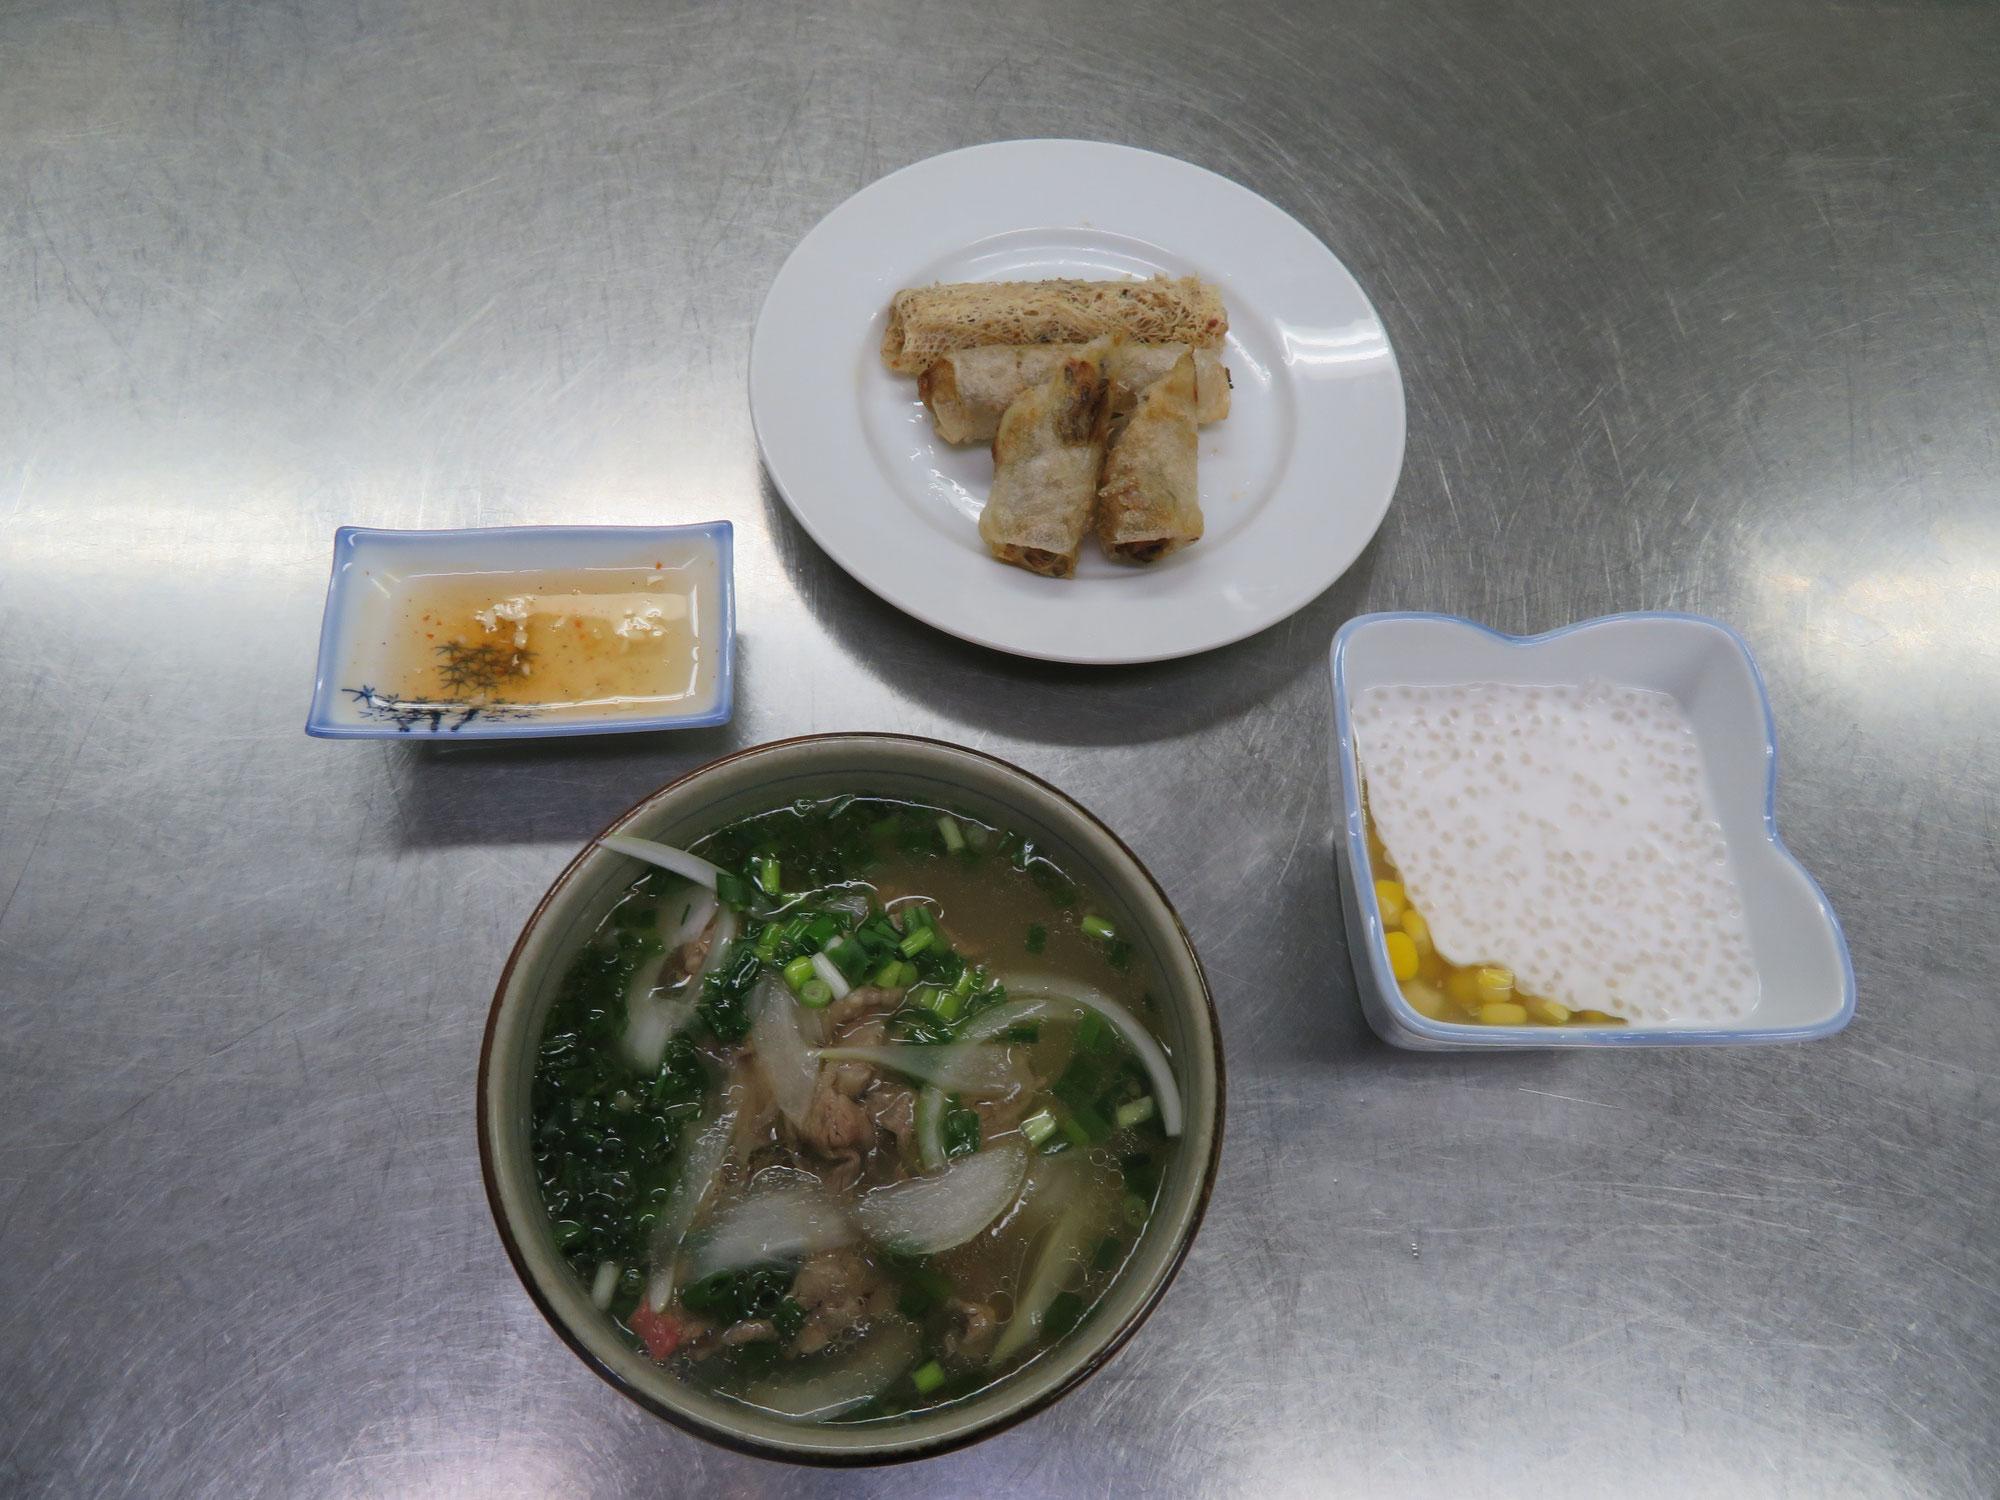 魅力(みりょく)あふれるベトナム料理(りょうり)を味(あじ)わう!!